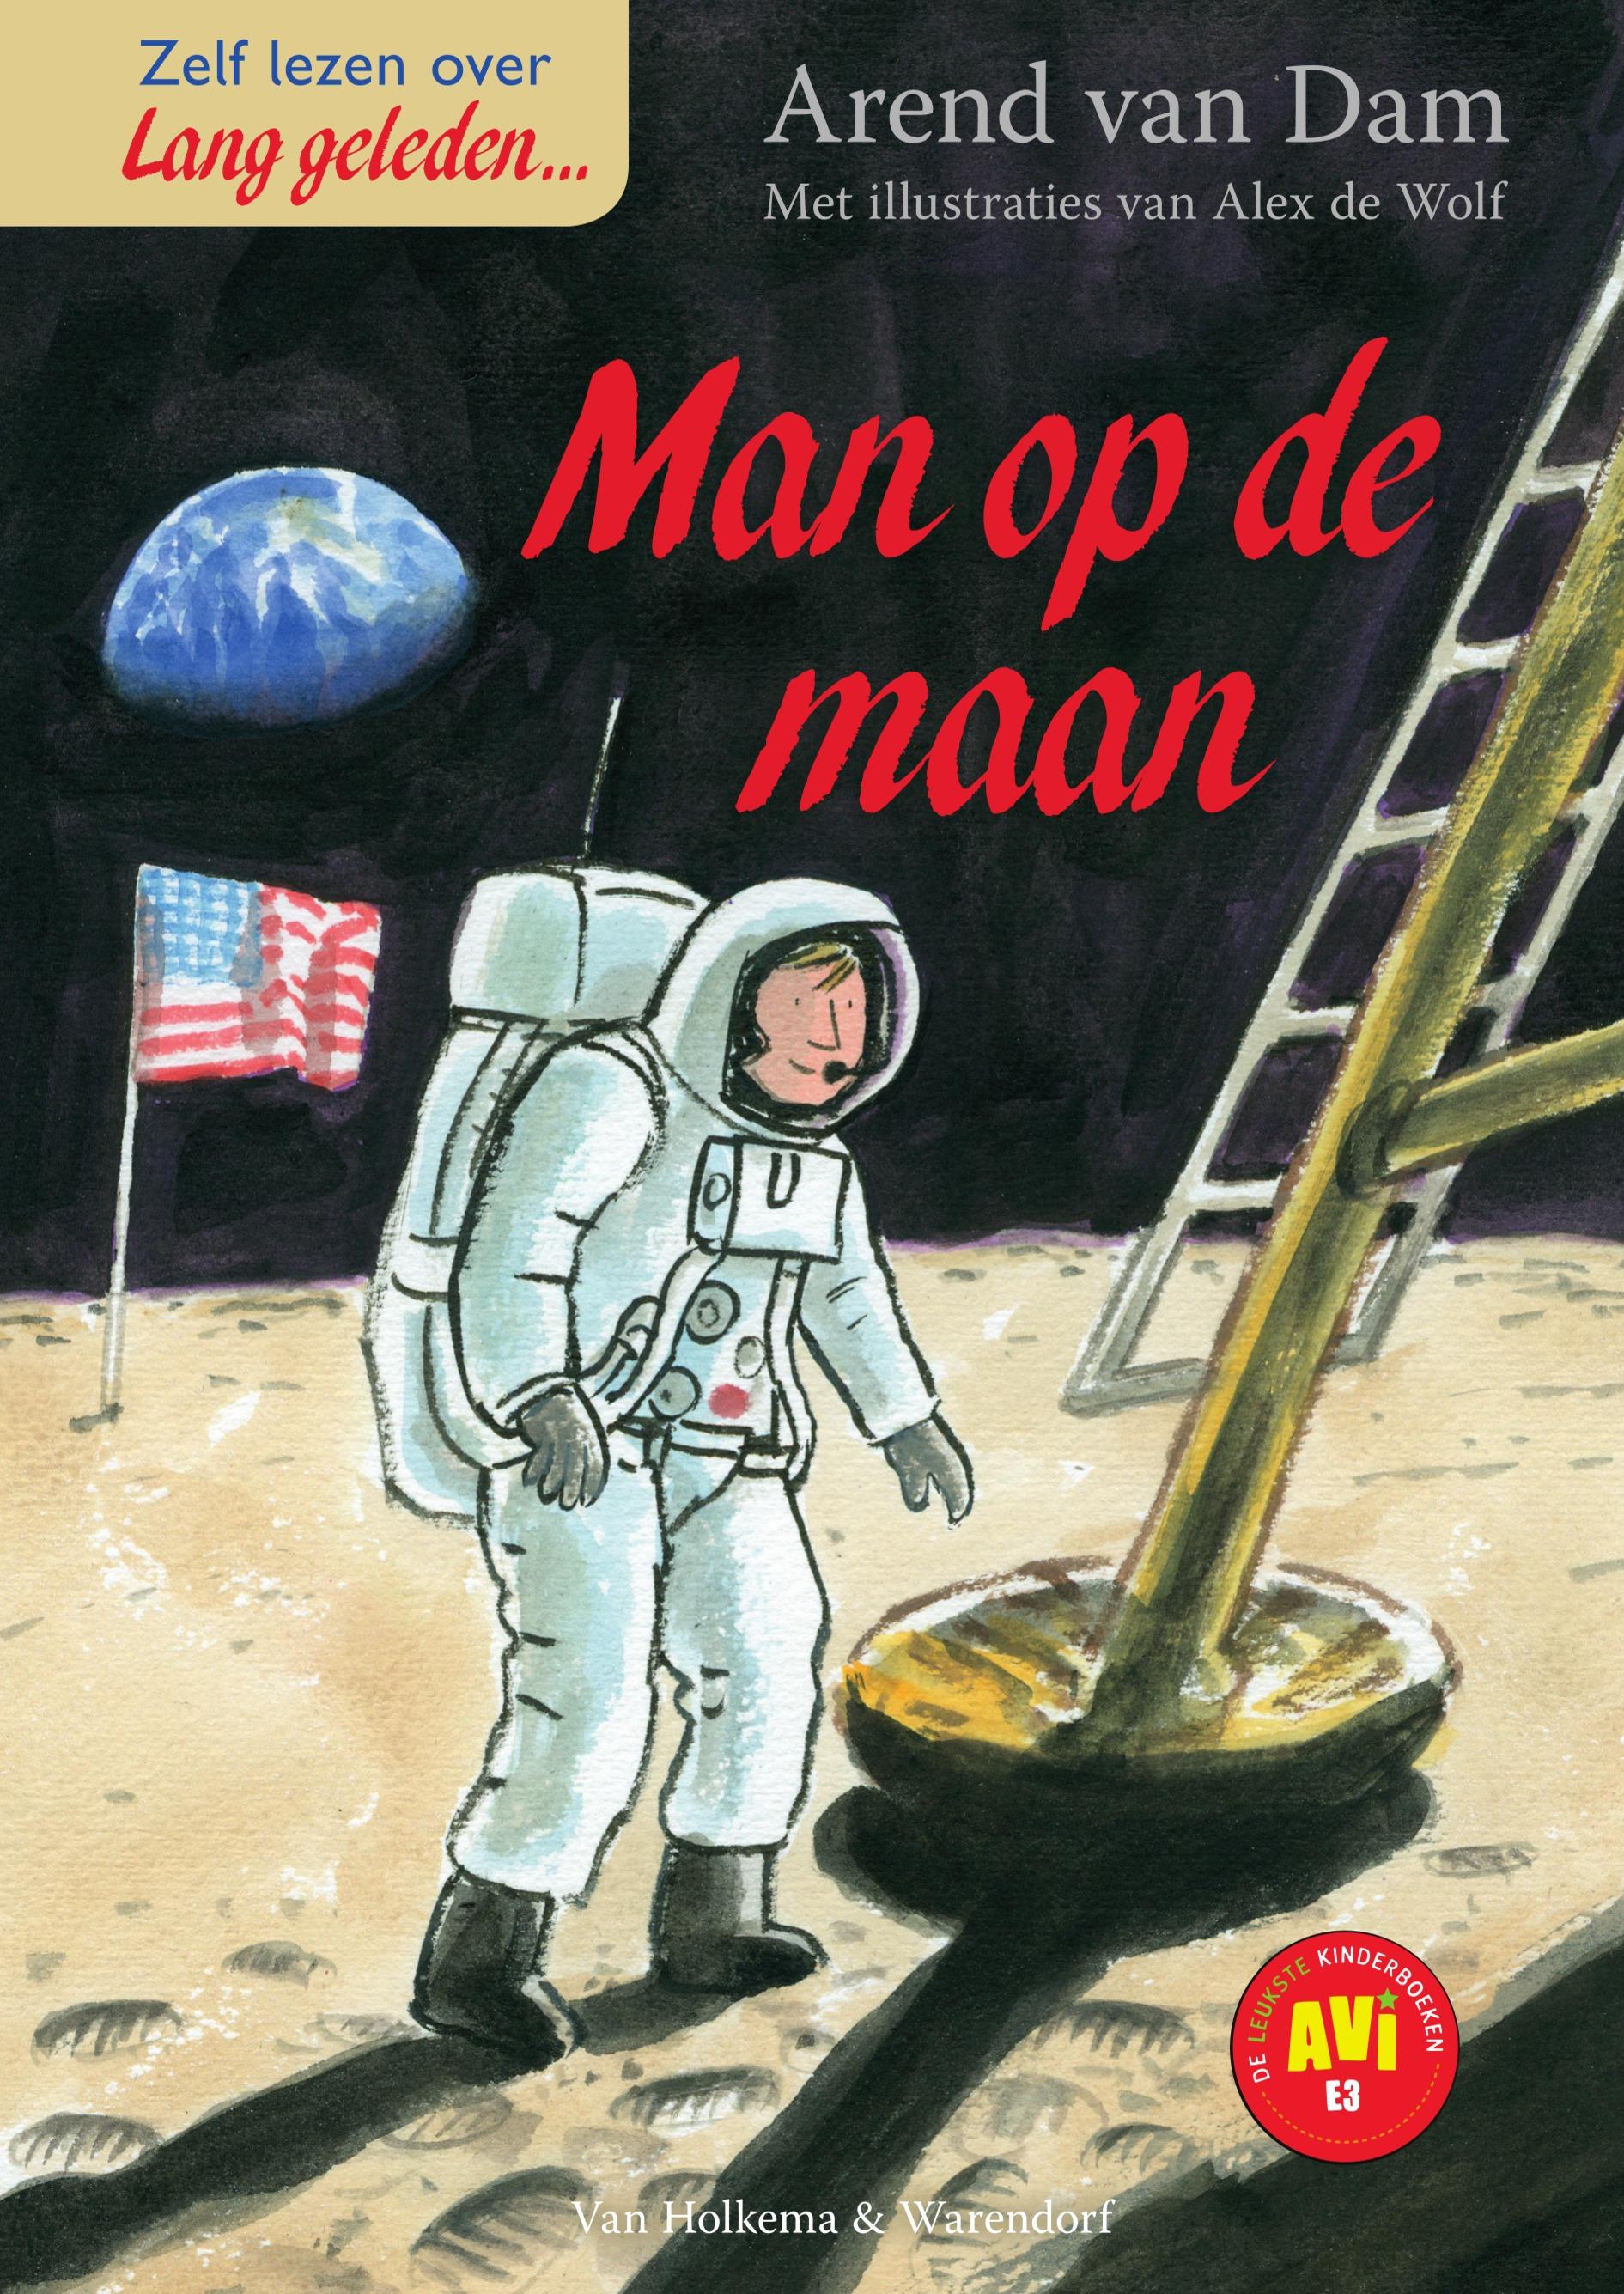 Review: Man op de maan